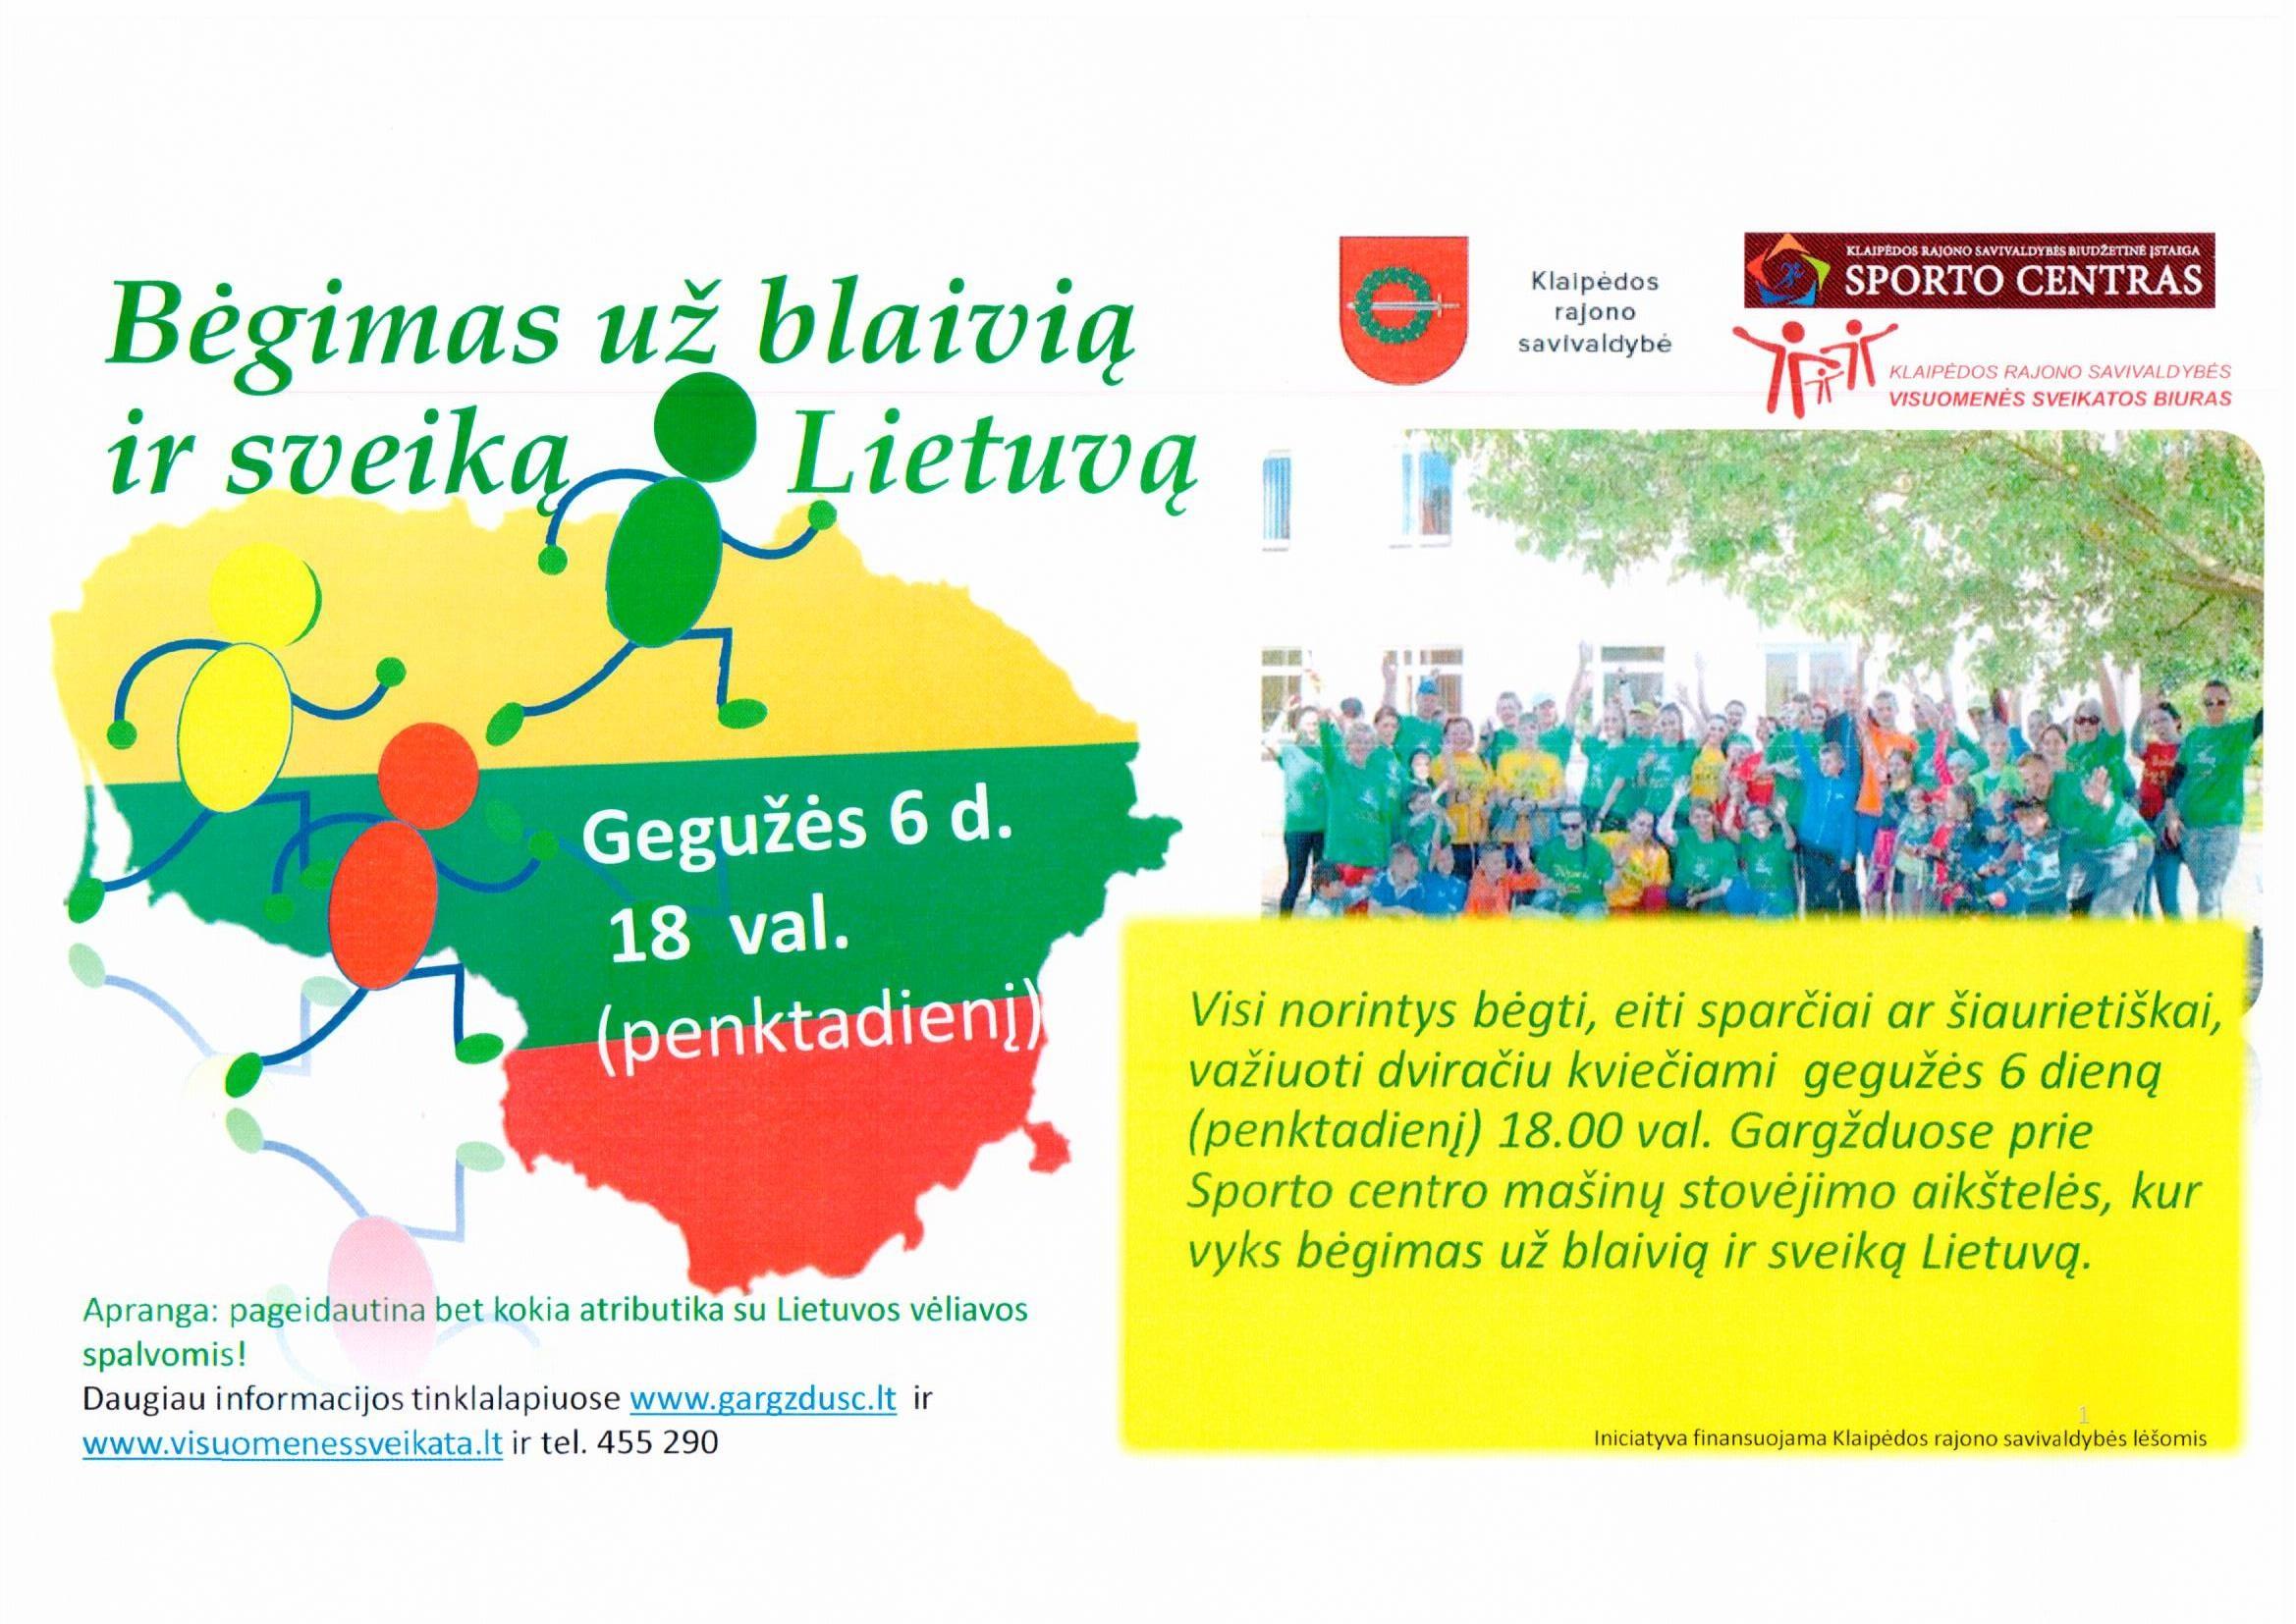 Dalyvauk bėgime už blaivią ir sveiką Lietuvą